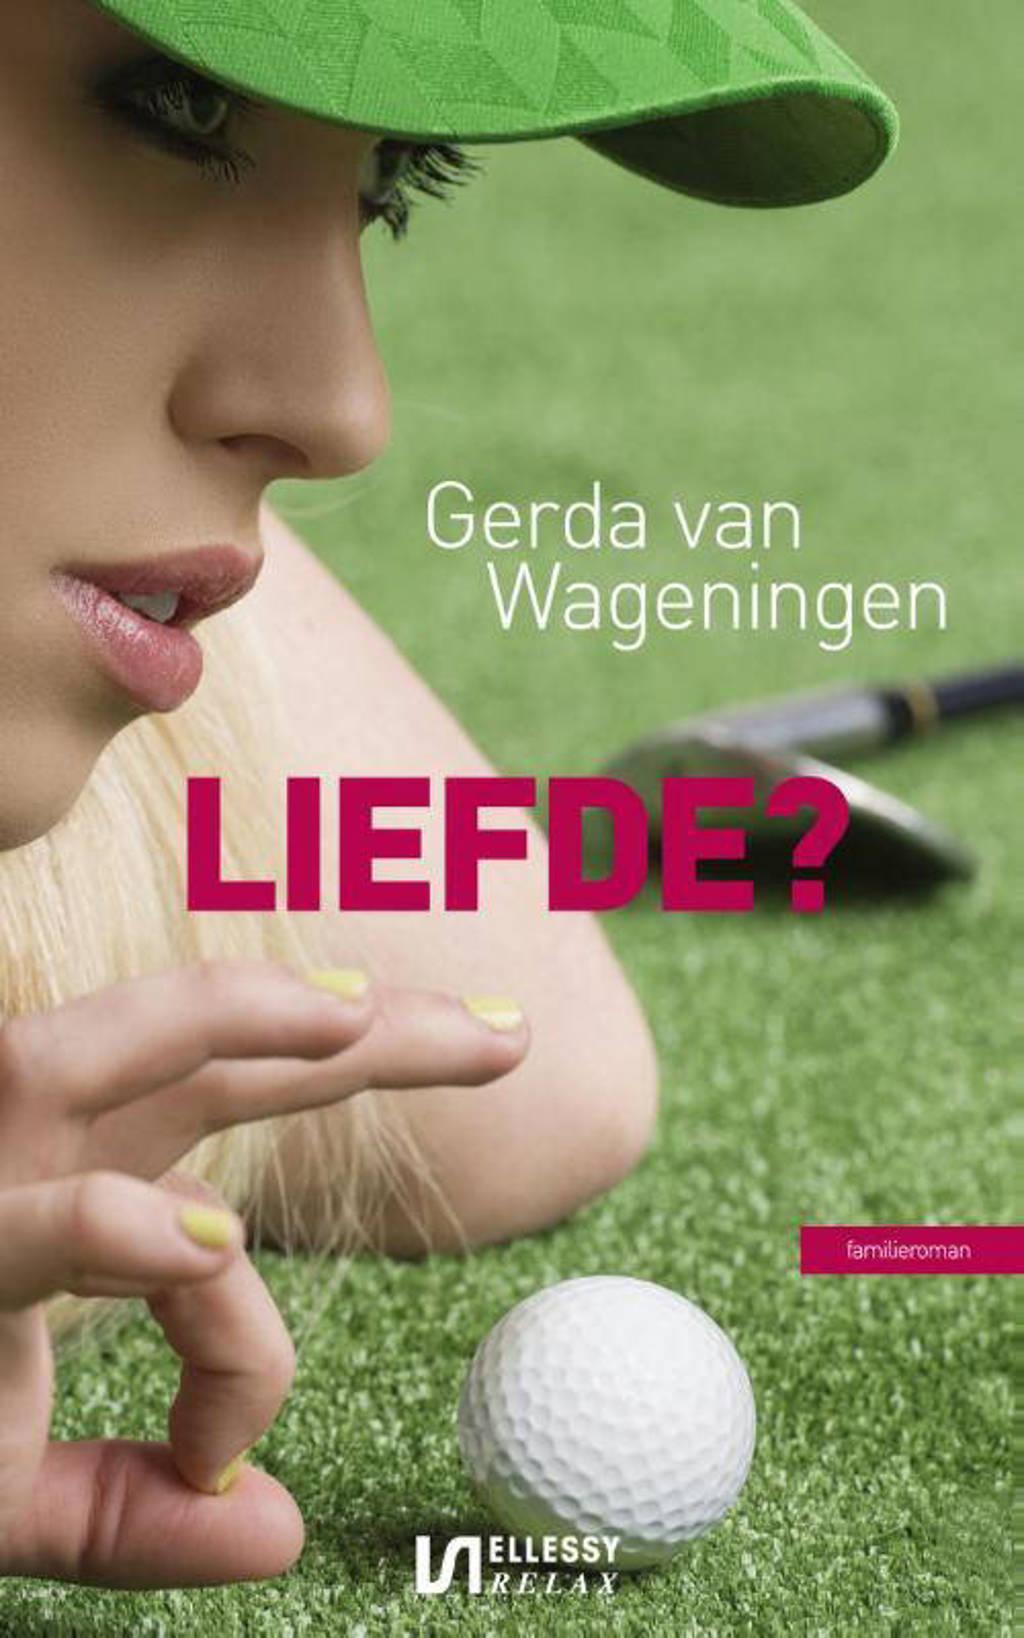 Liefde? - Gerda van Wageningen